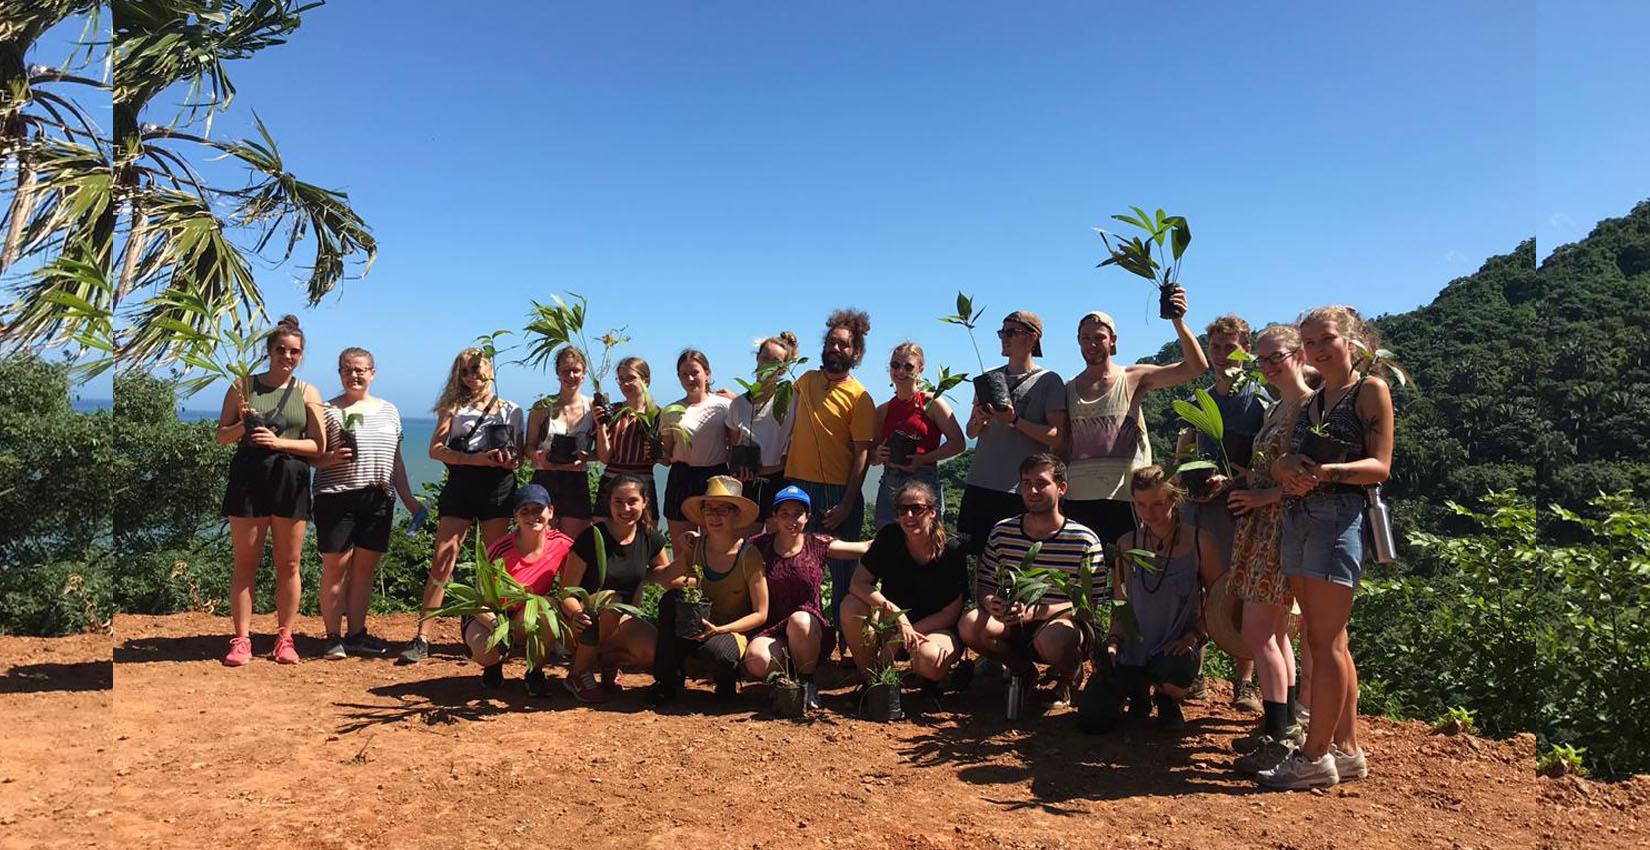 Tour educativo ecologico cultural en la sierra nevada de Santa Marta